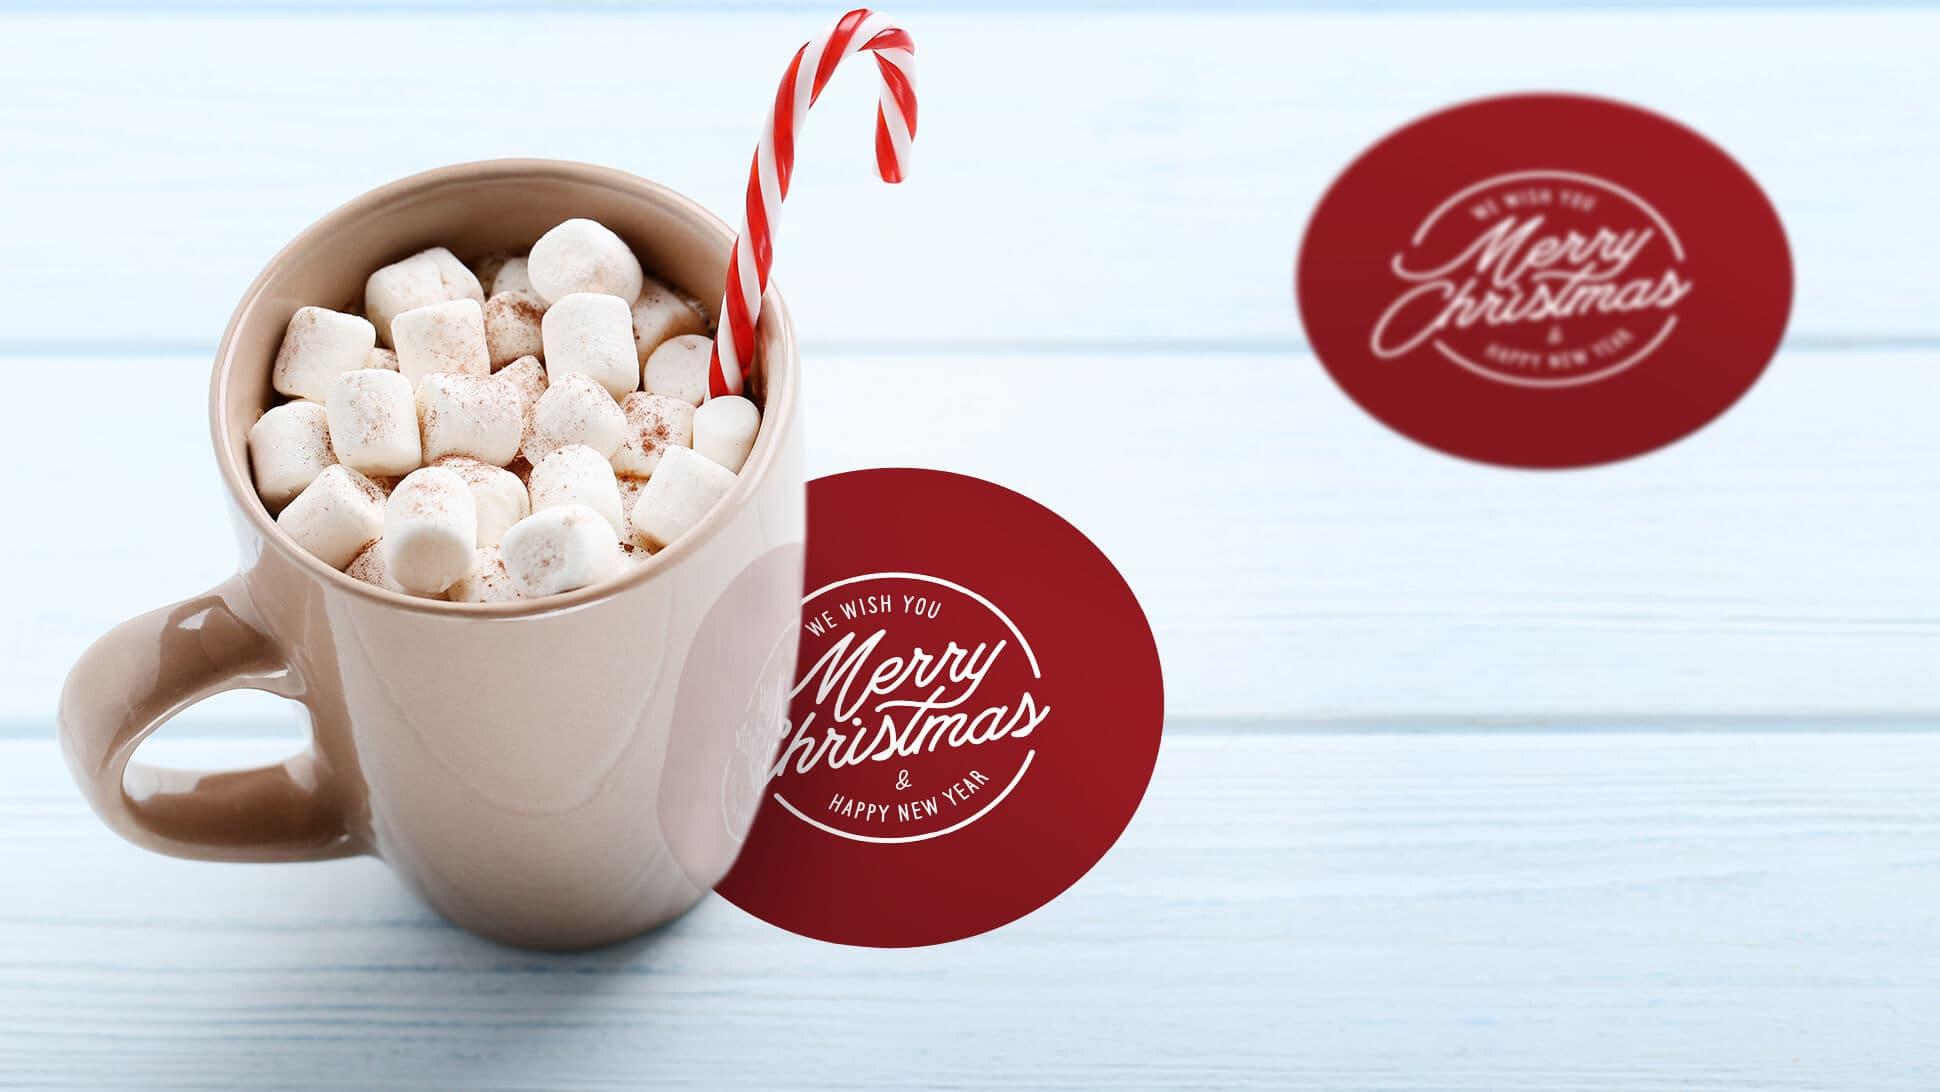 sottobicchieri natalizi con grafica rossa ideale per locali ed eventi | tictac.it